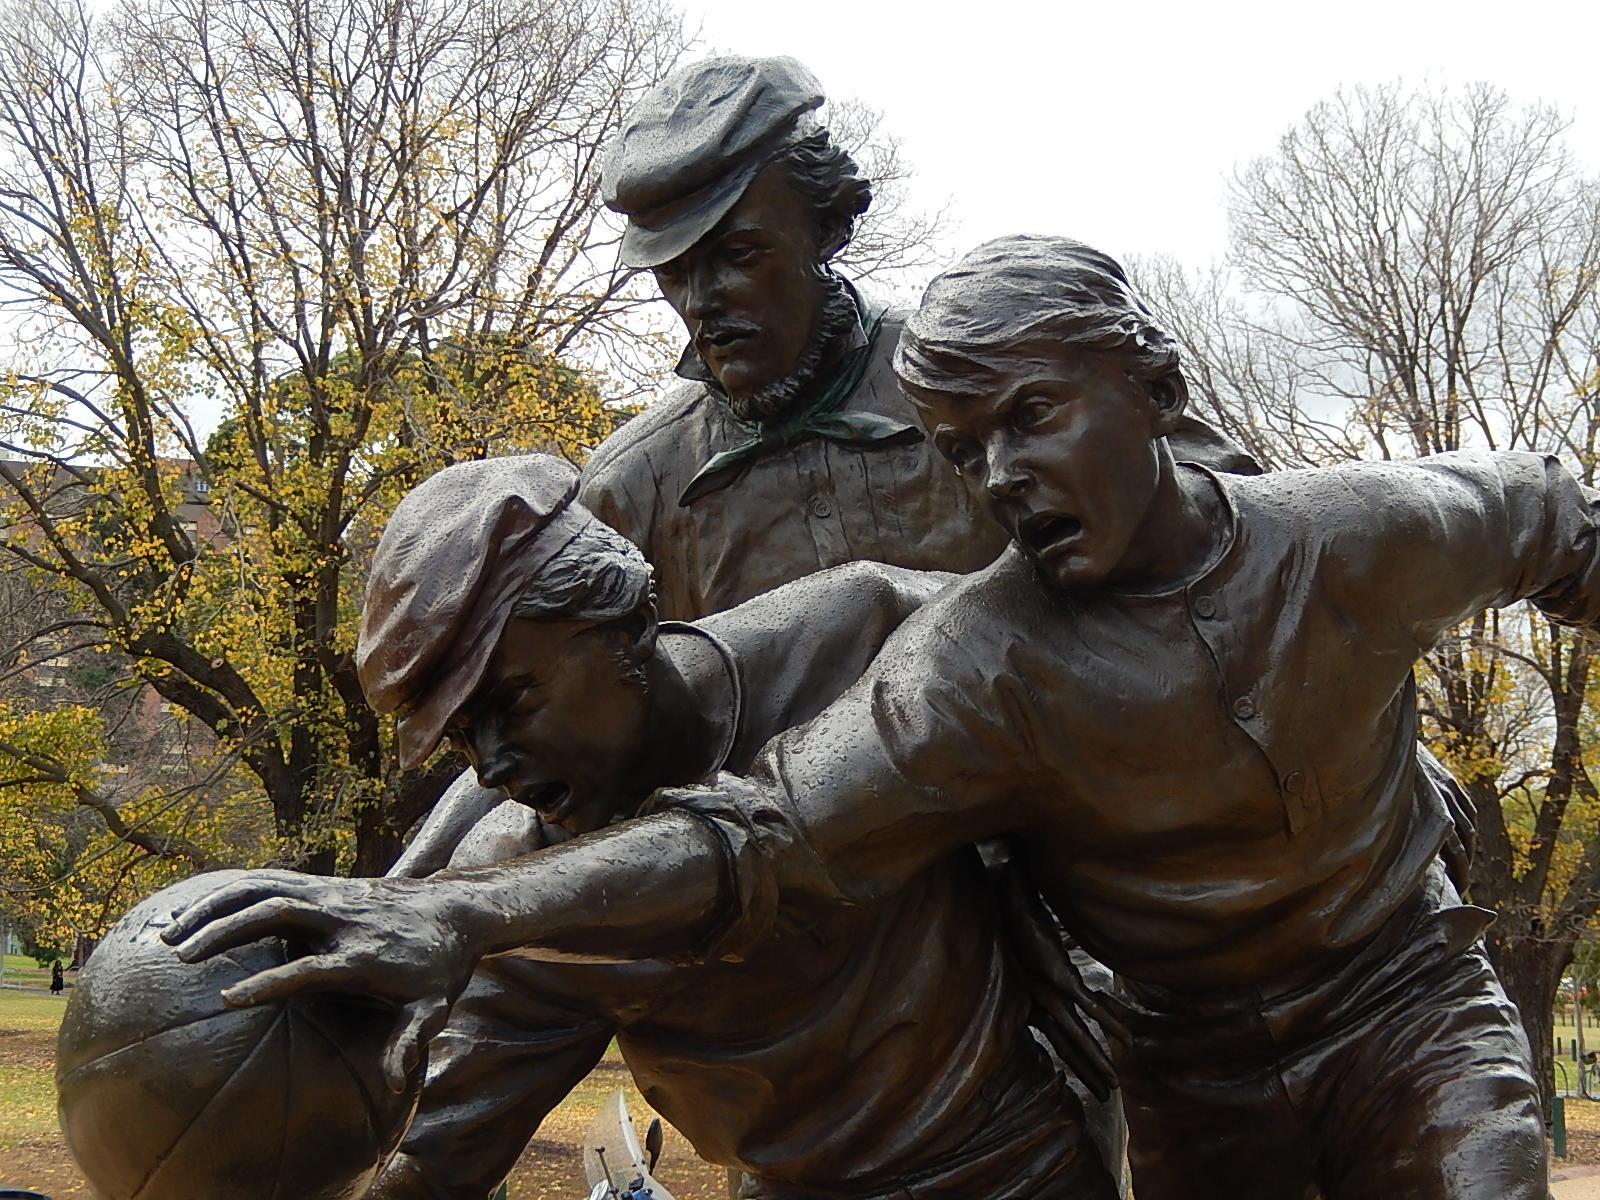 Статуя в Мельбурне, посвящённая изобретению австралийского футбола, который придумал Макадам